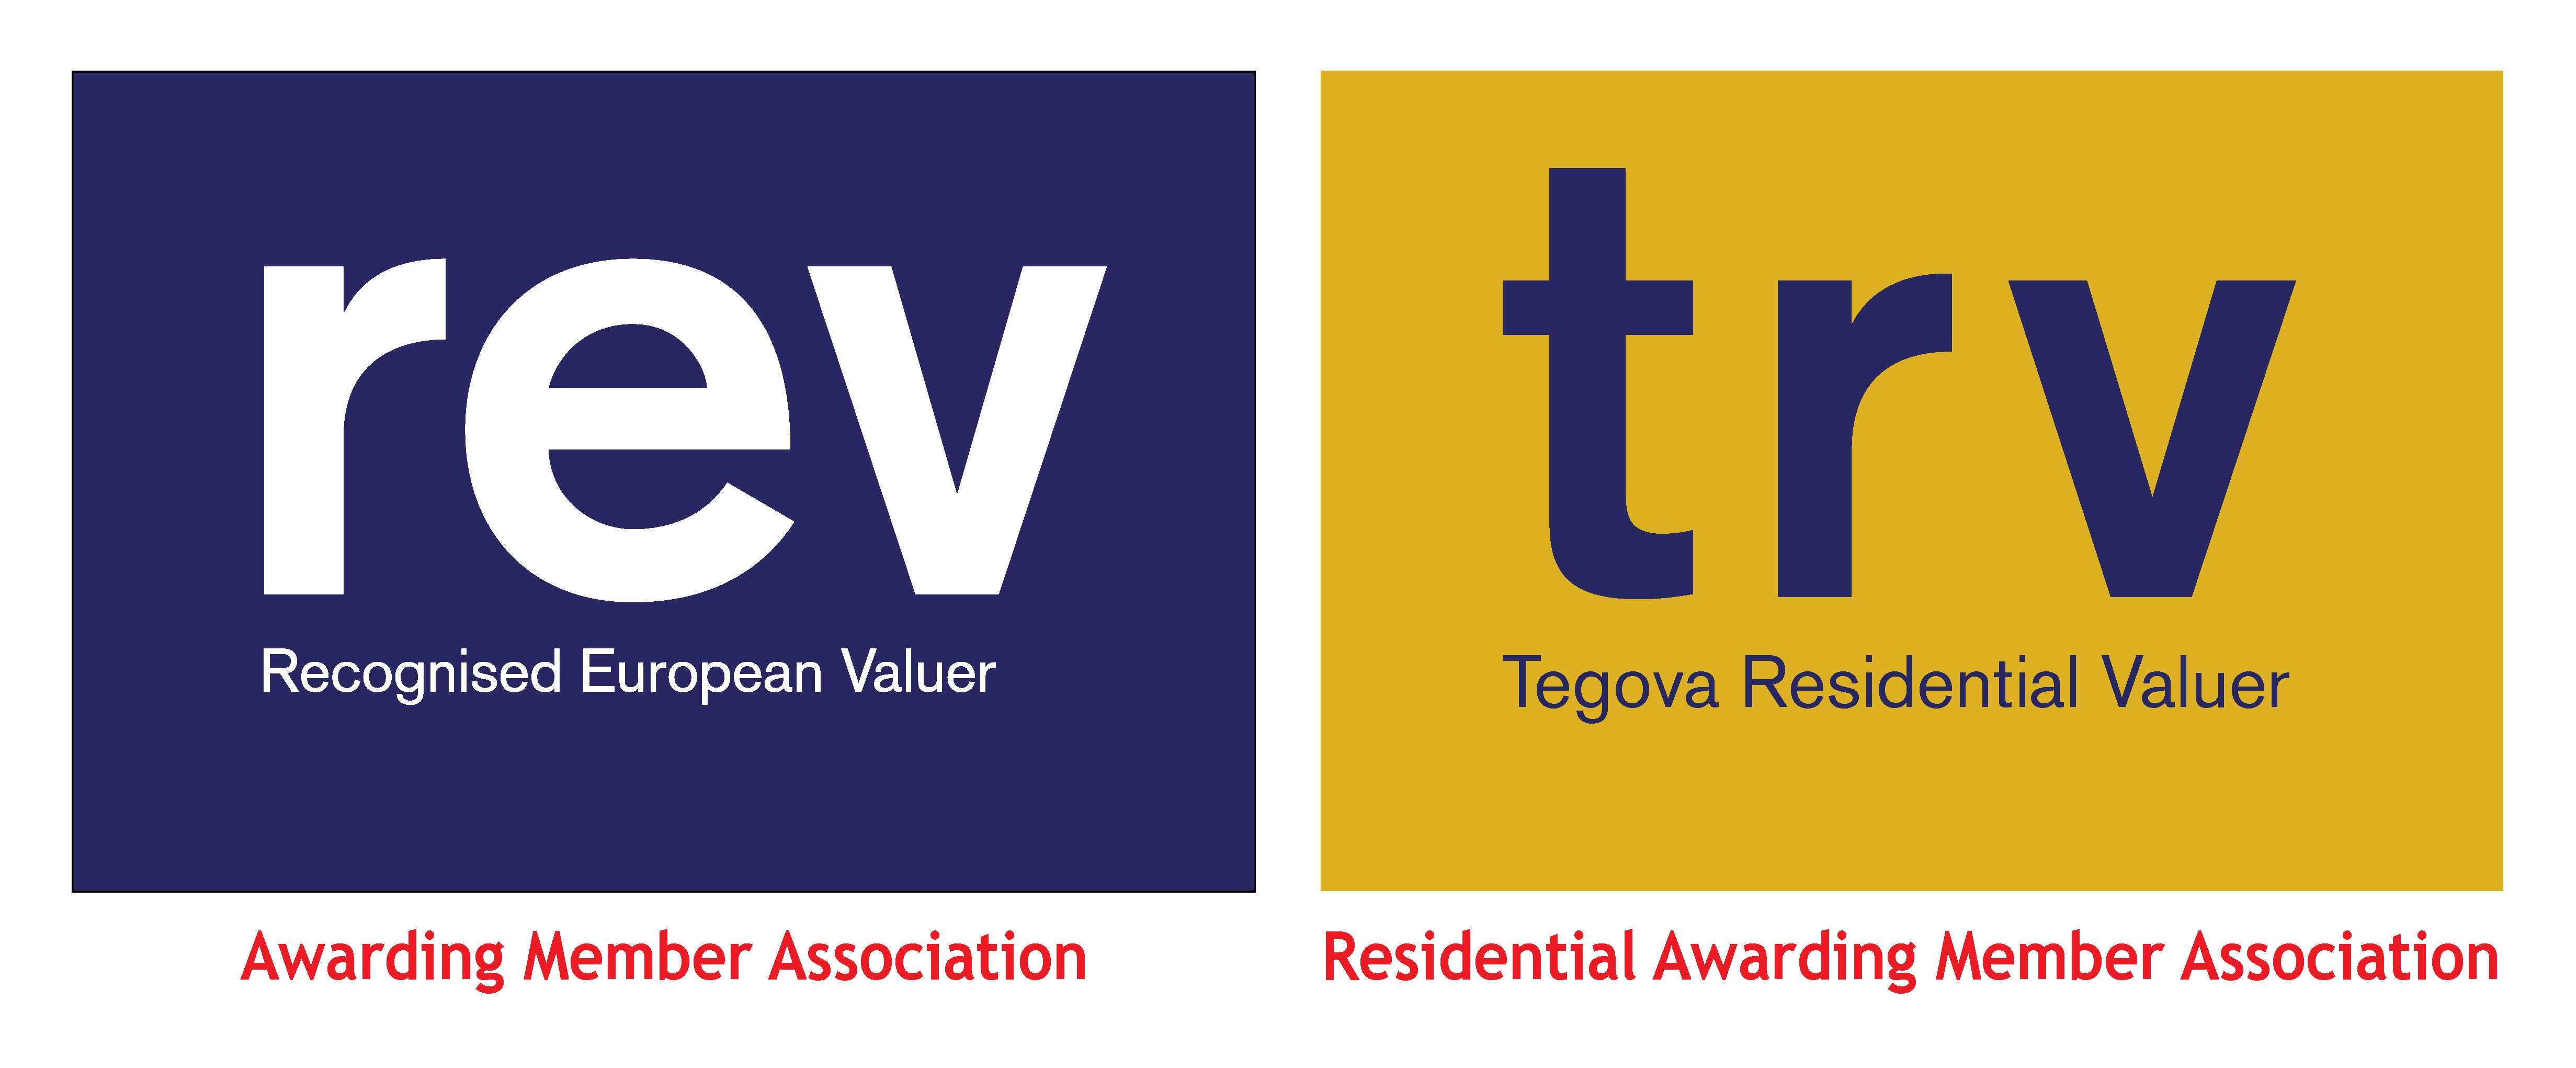 Un expert immobilier reconnu l 39 onb notre n gociatrice a obtenu la certification europ enne - Office notarial de baillargues ...